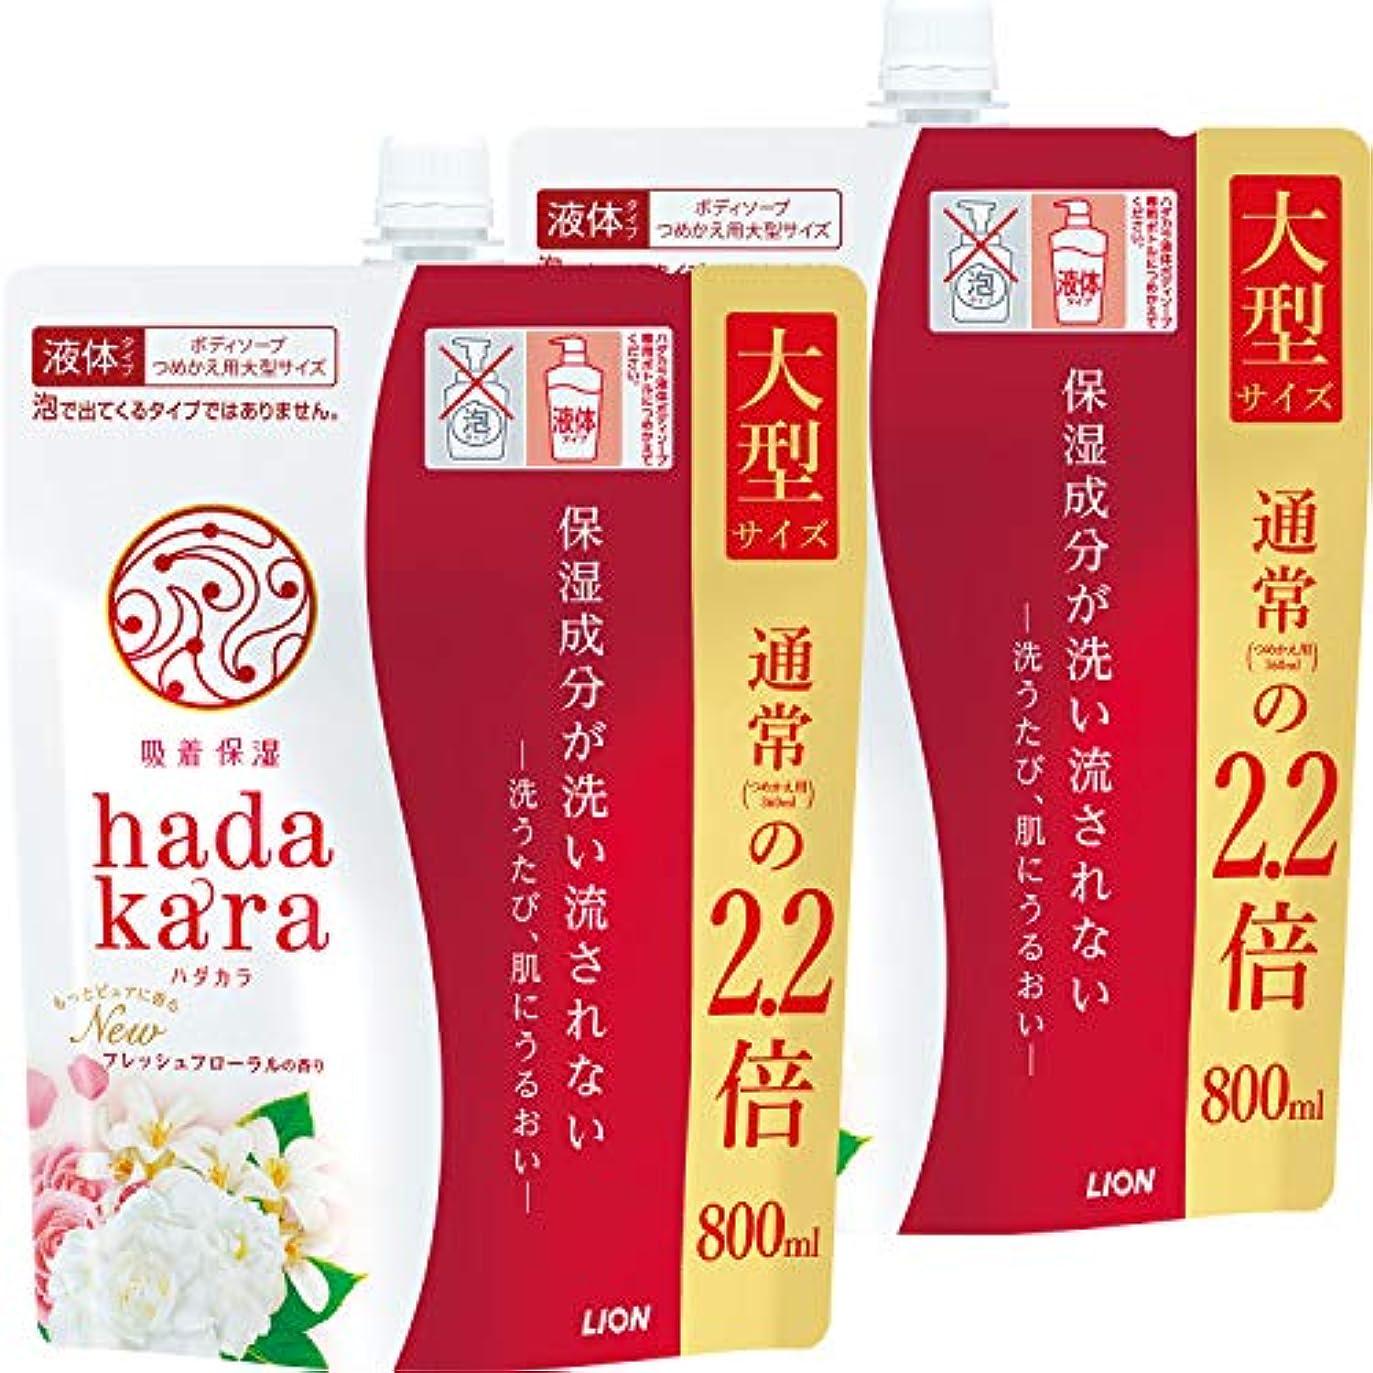 潜むする教義hadakara(ハダカラ) ボディソープ フレッシュフローラルの香り つめかえ用大型サイズ 800ml×2個